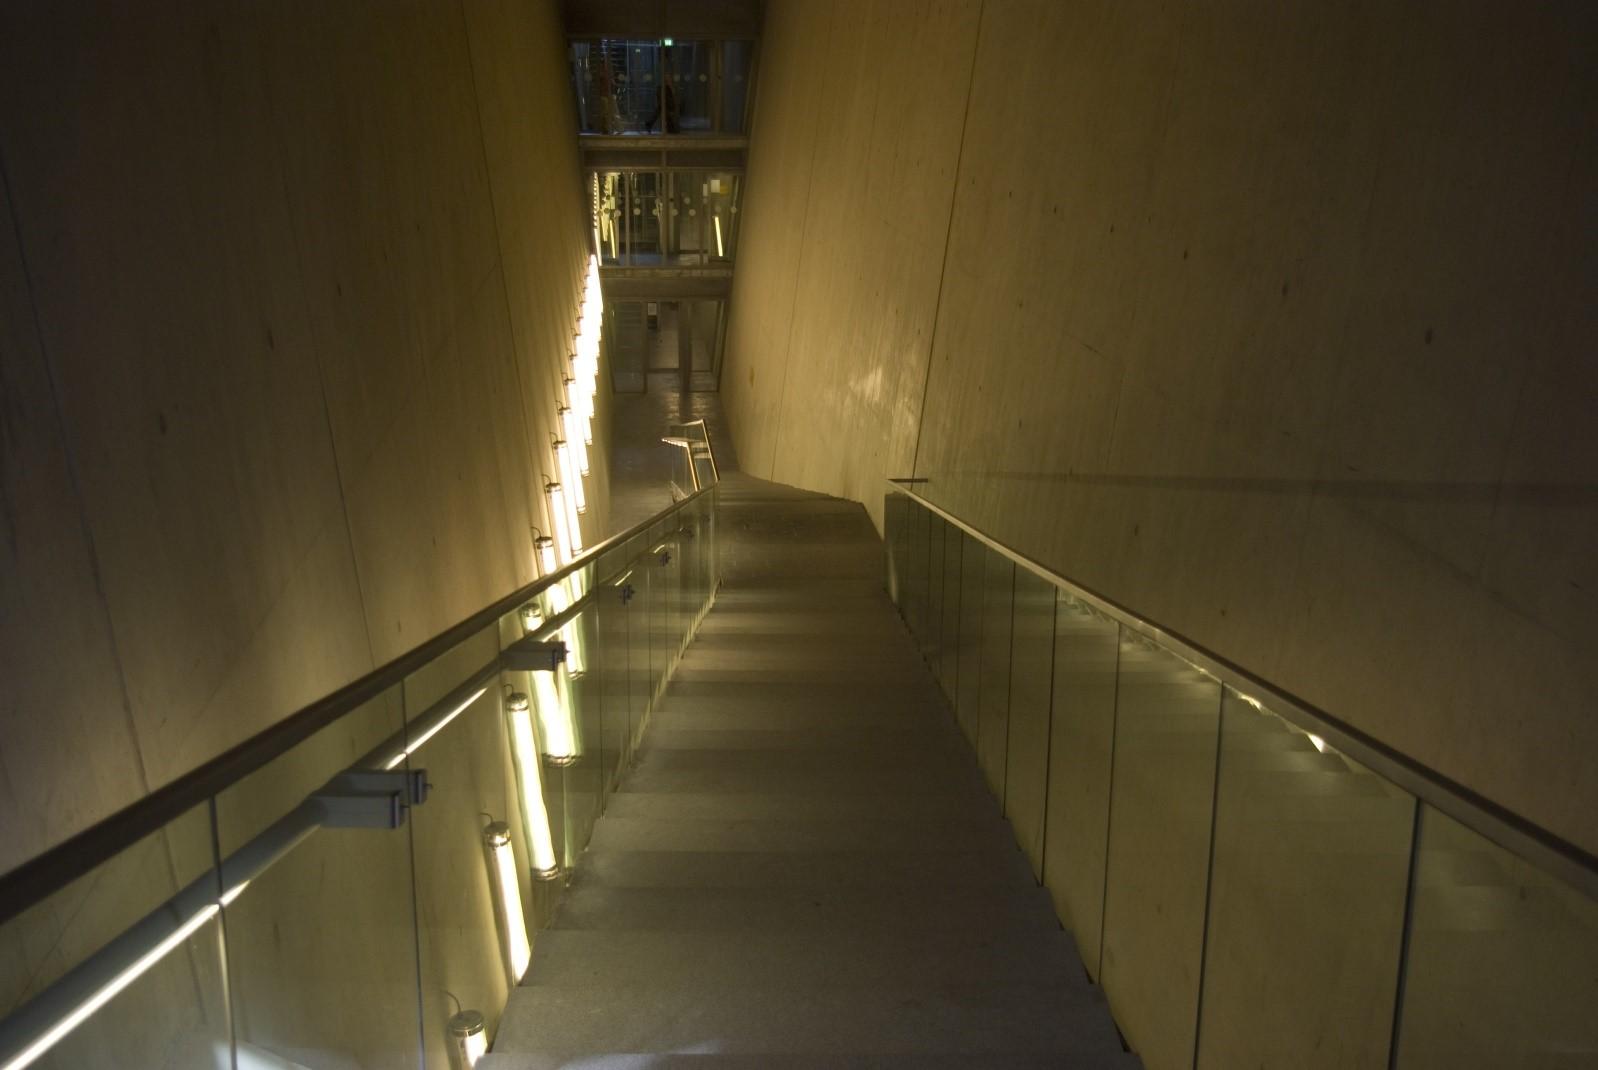 guarda-corpo-de-inox-corrimao-vidro, seguranca-escadas